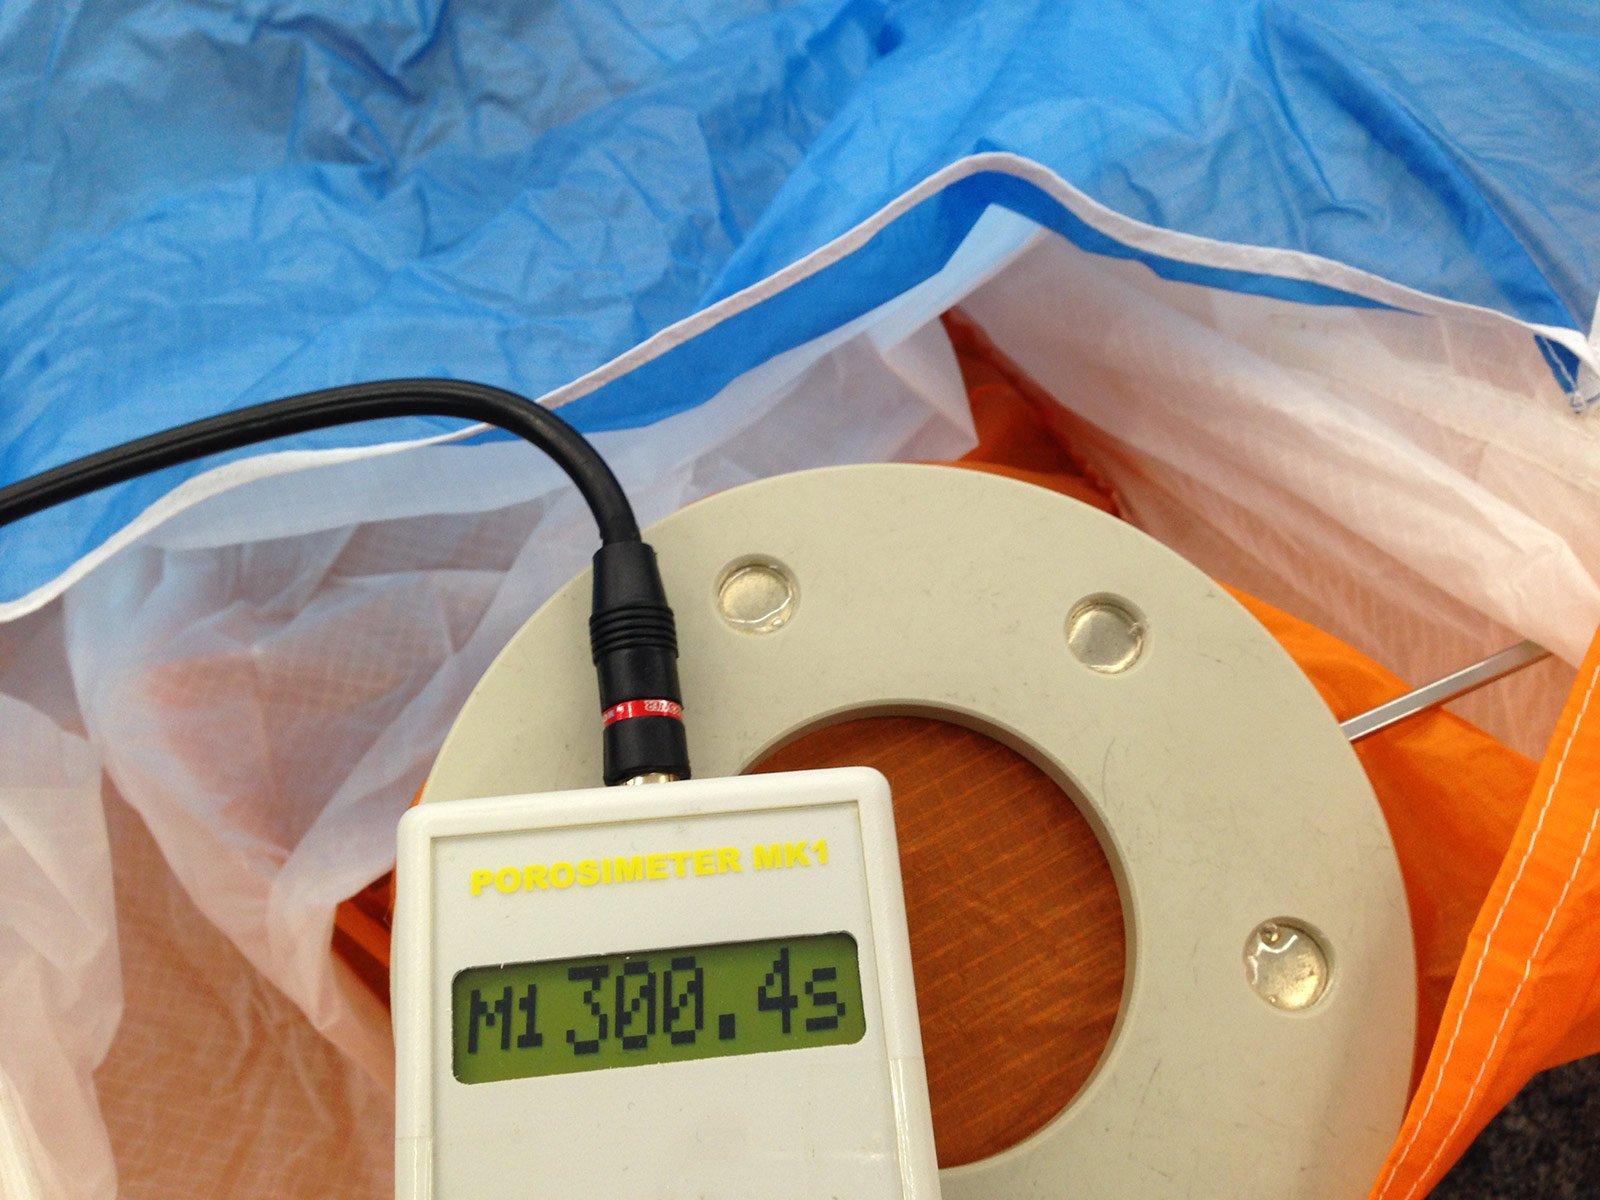 Check Alpha 6 Messung der Luftdurchlässigkeit des Tuches